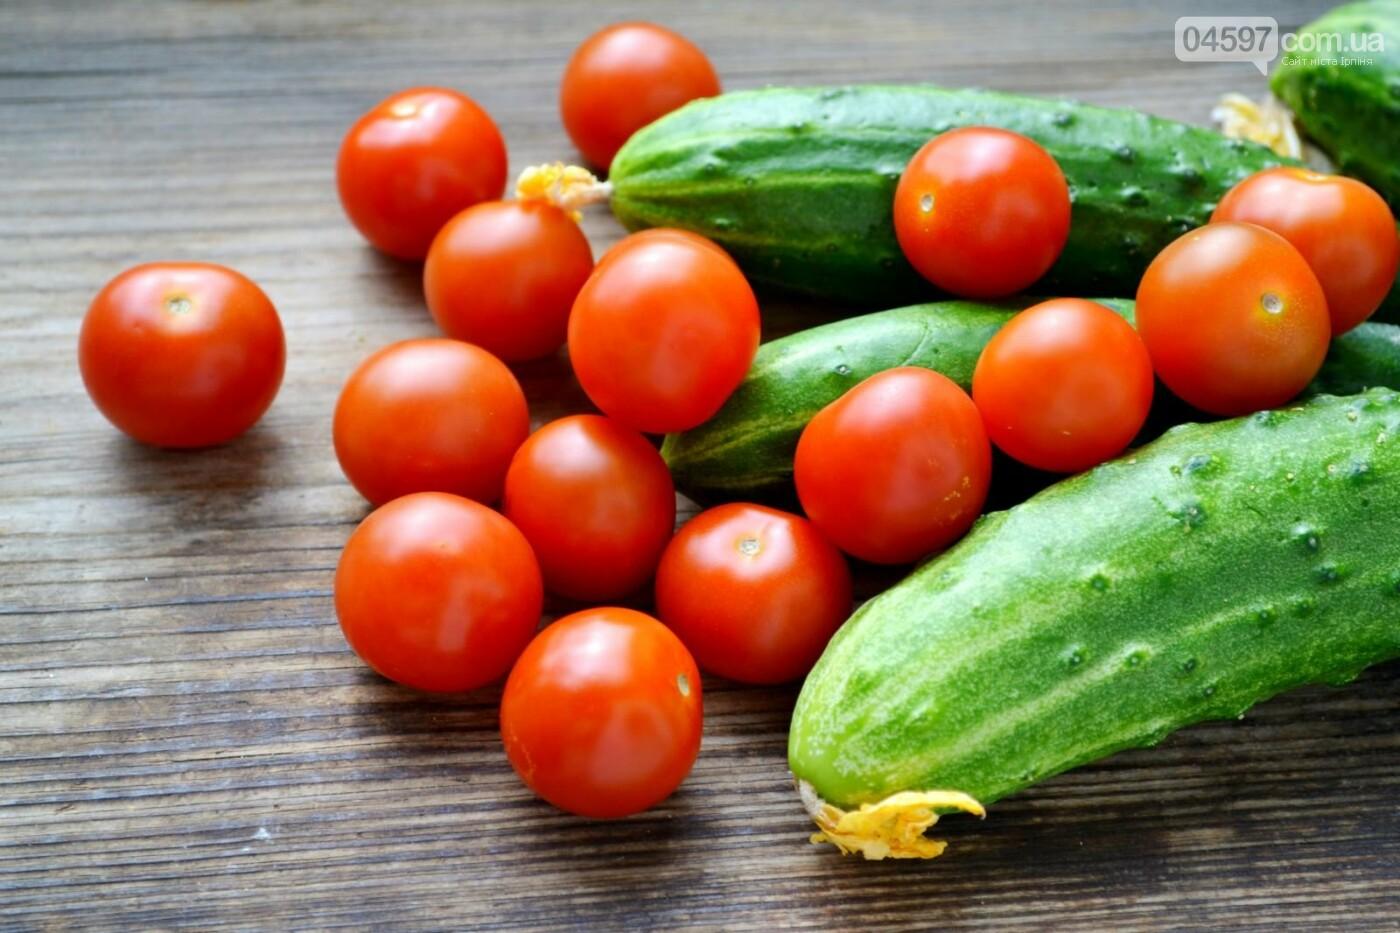 Топ-7 популярних комбінацій продуктів, які шкодять здоров'ю, фото-2